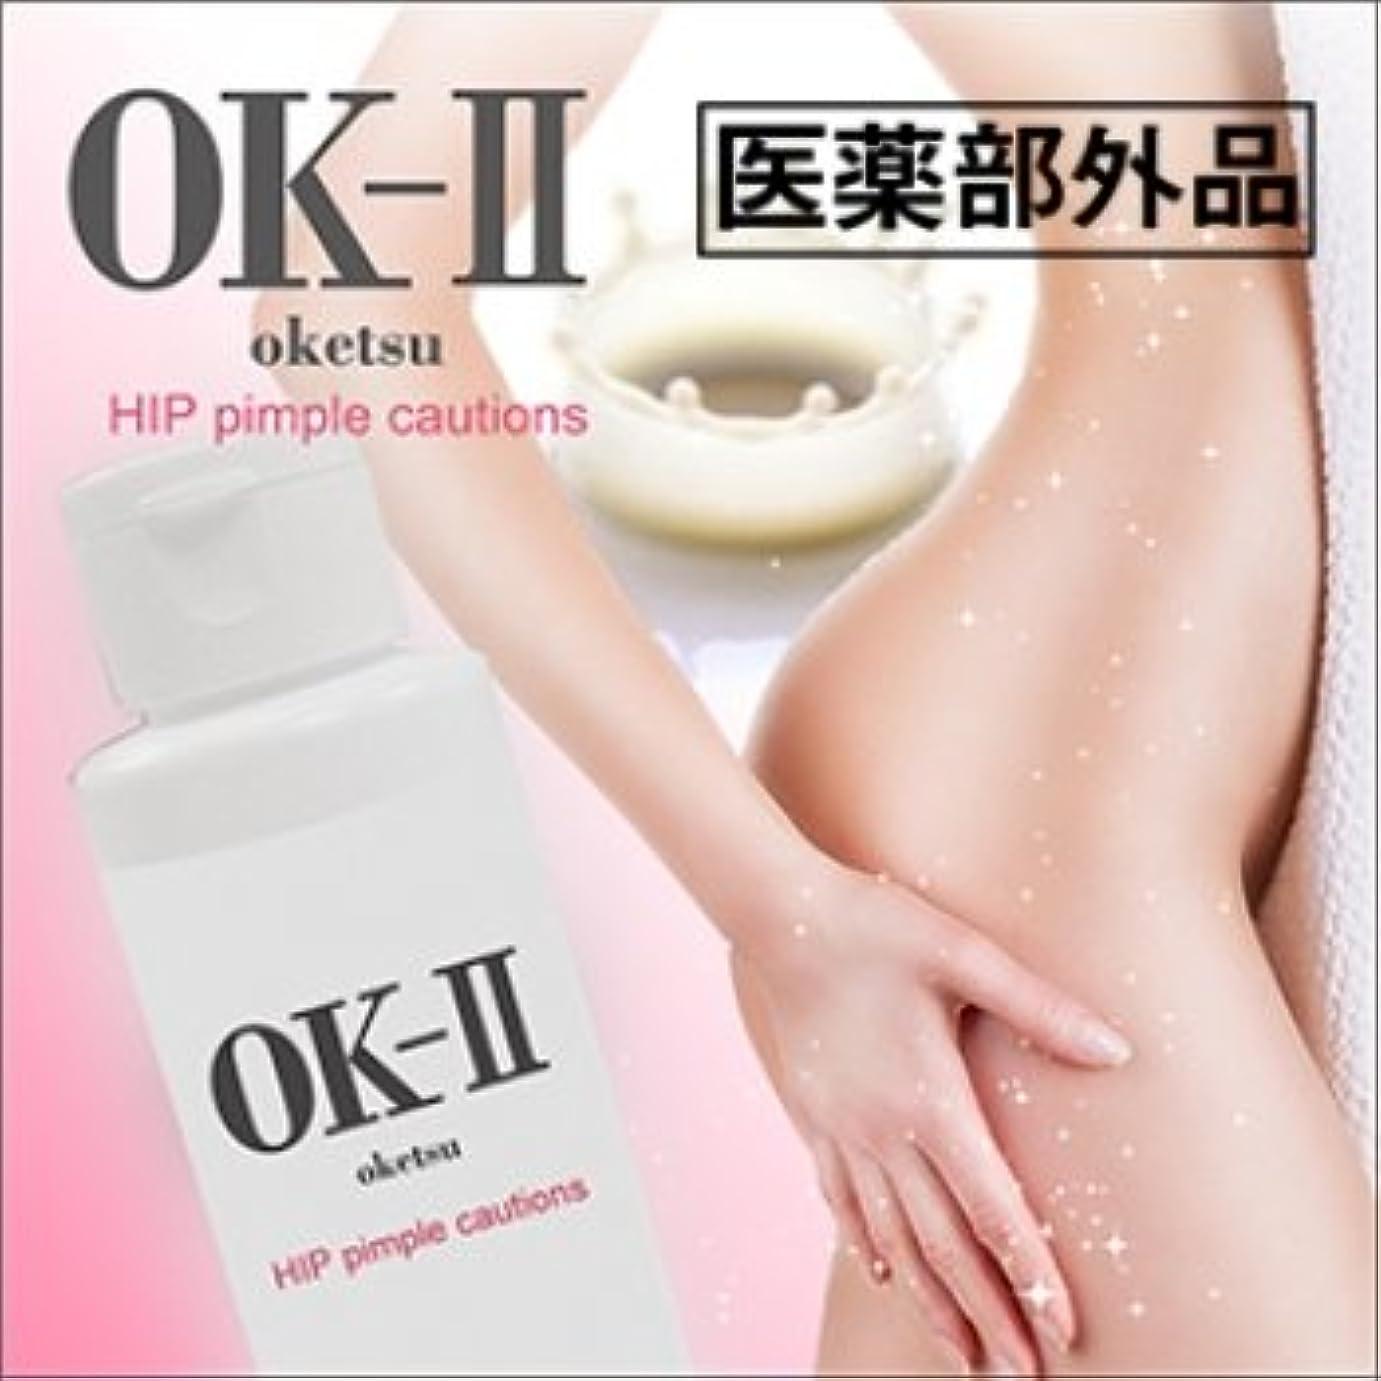 不信定期的なこんにちはOK-IIオッケーツー(薬用お尻ニキビケアボディ乳液)医薬部外品